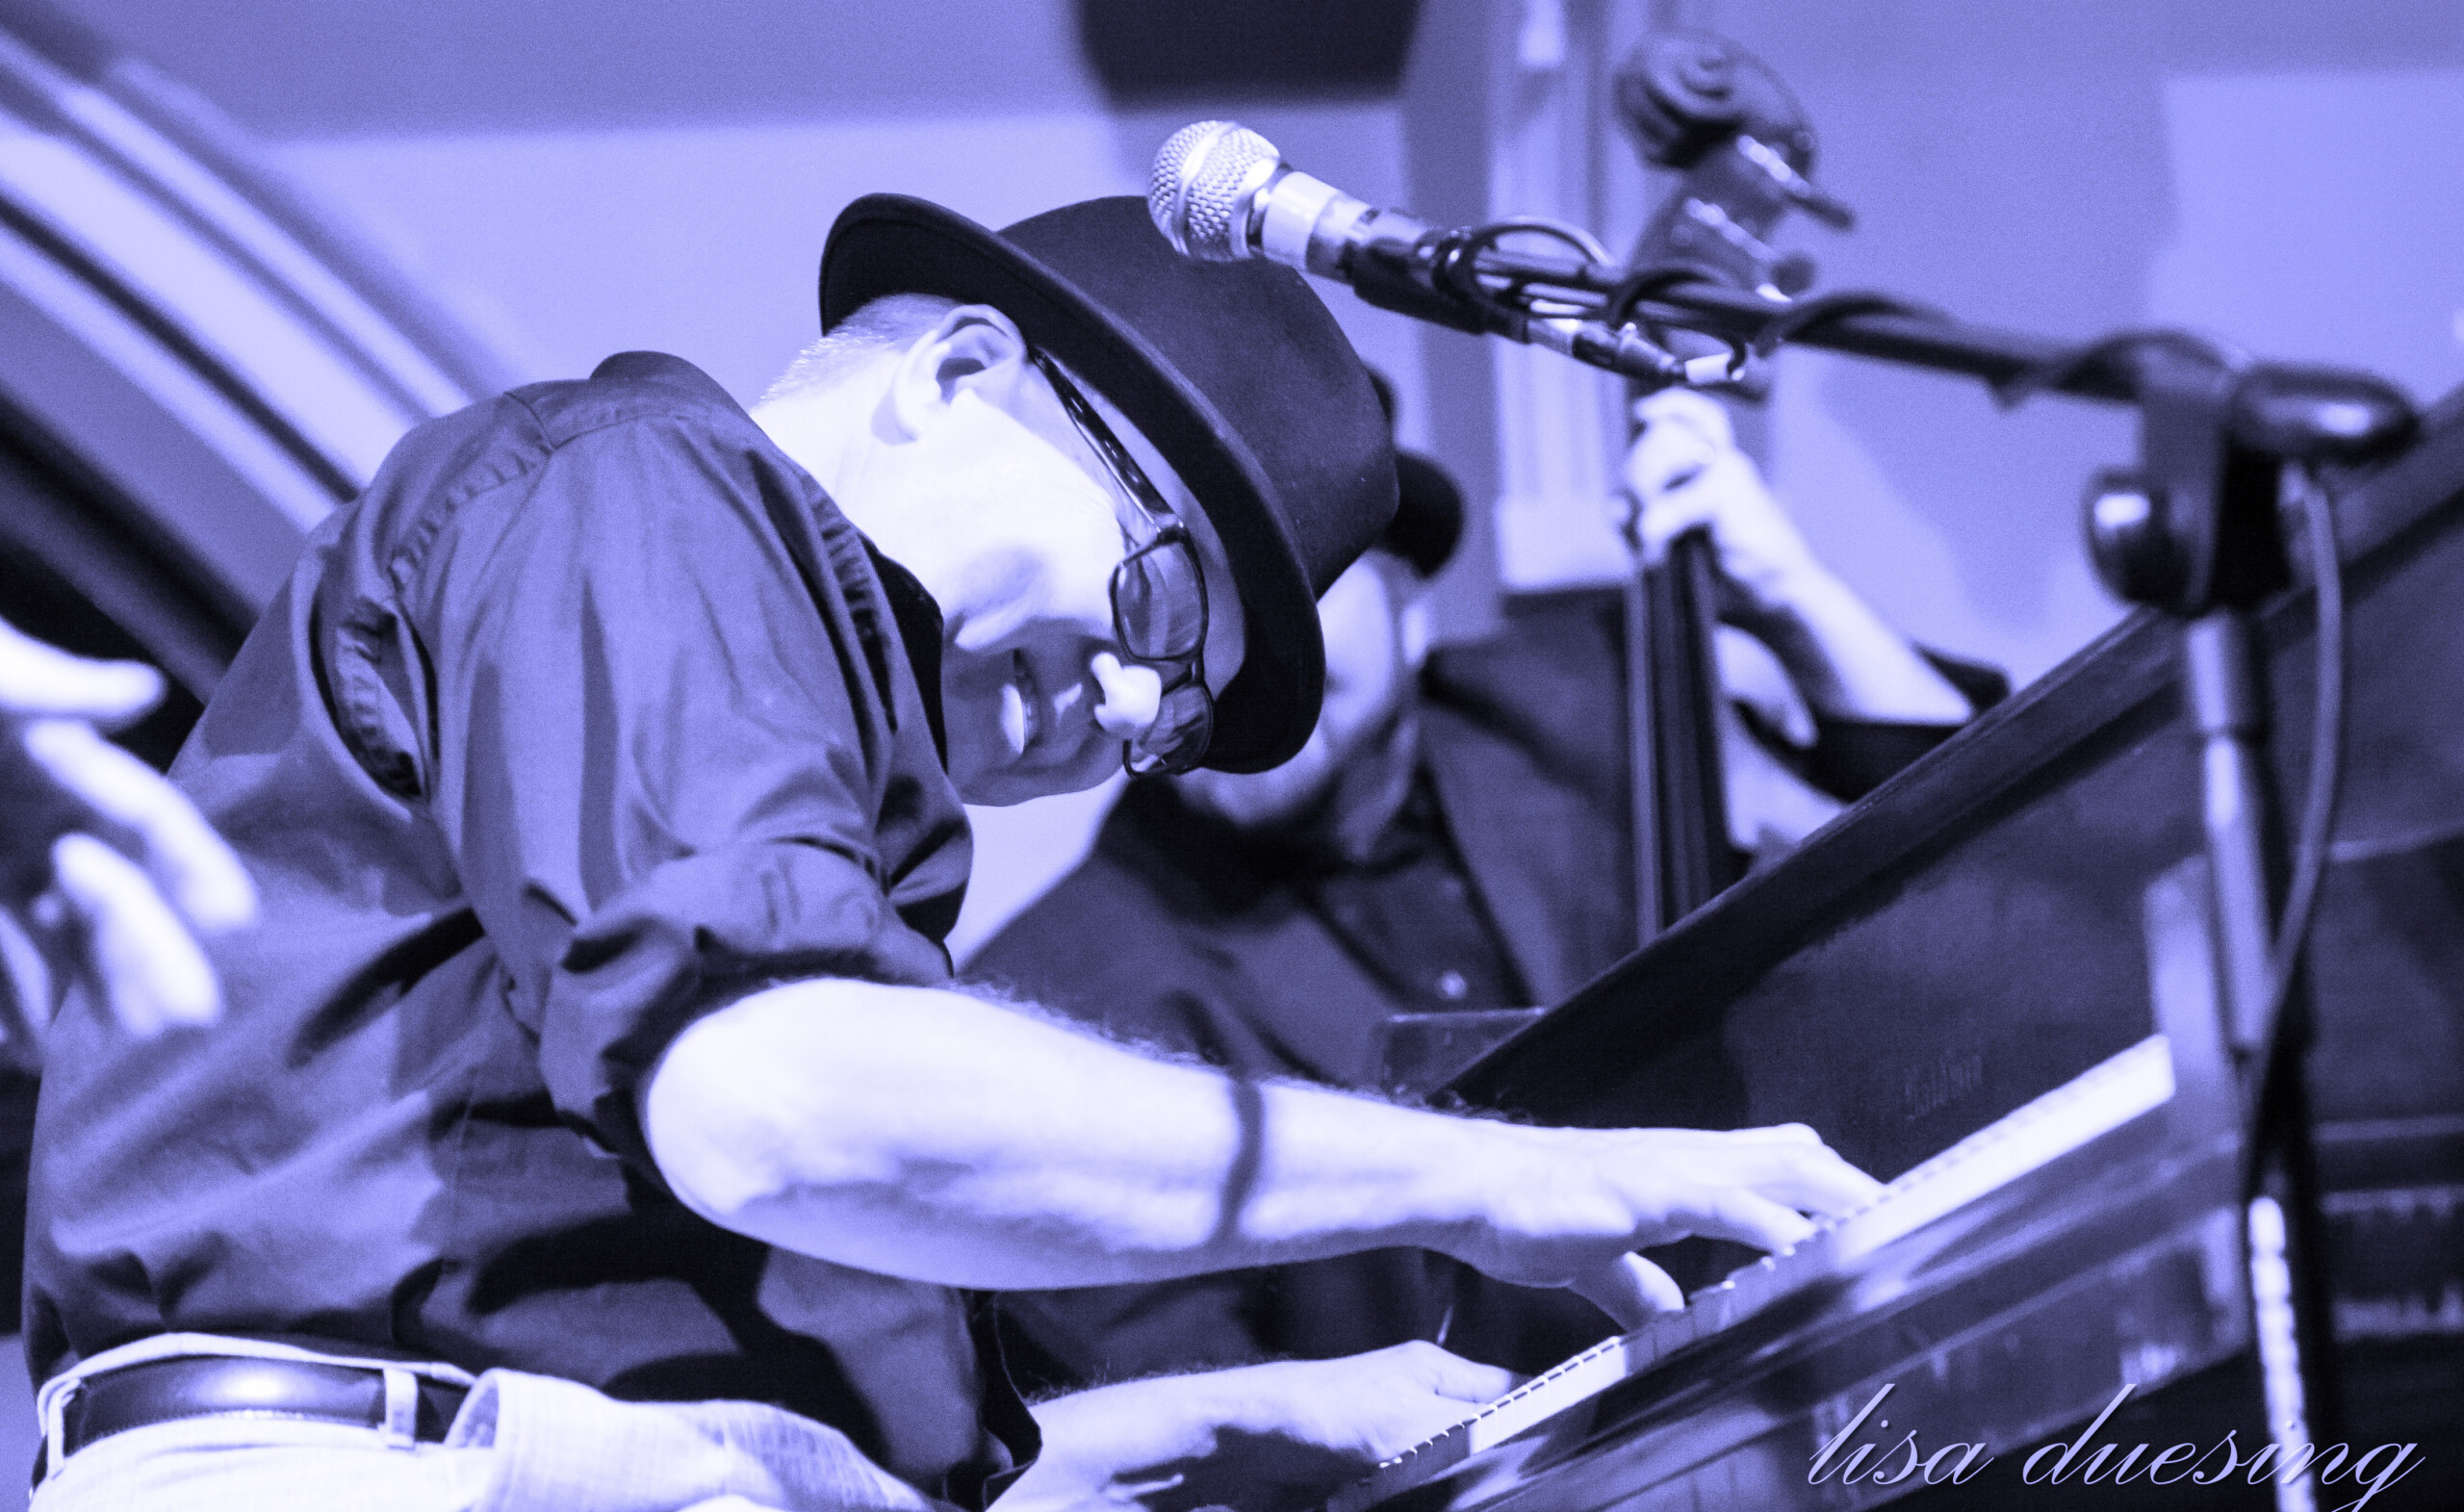 Ricky Nye playing piano